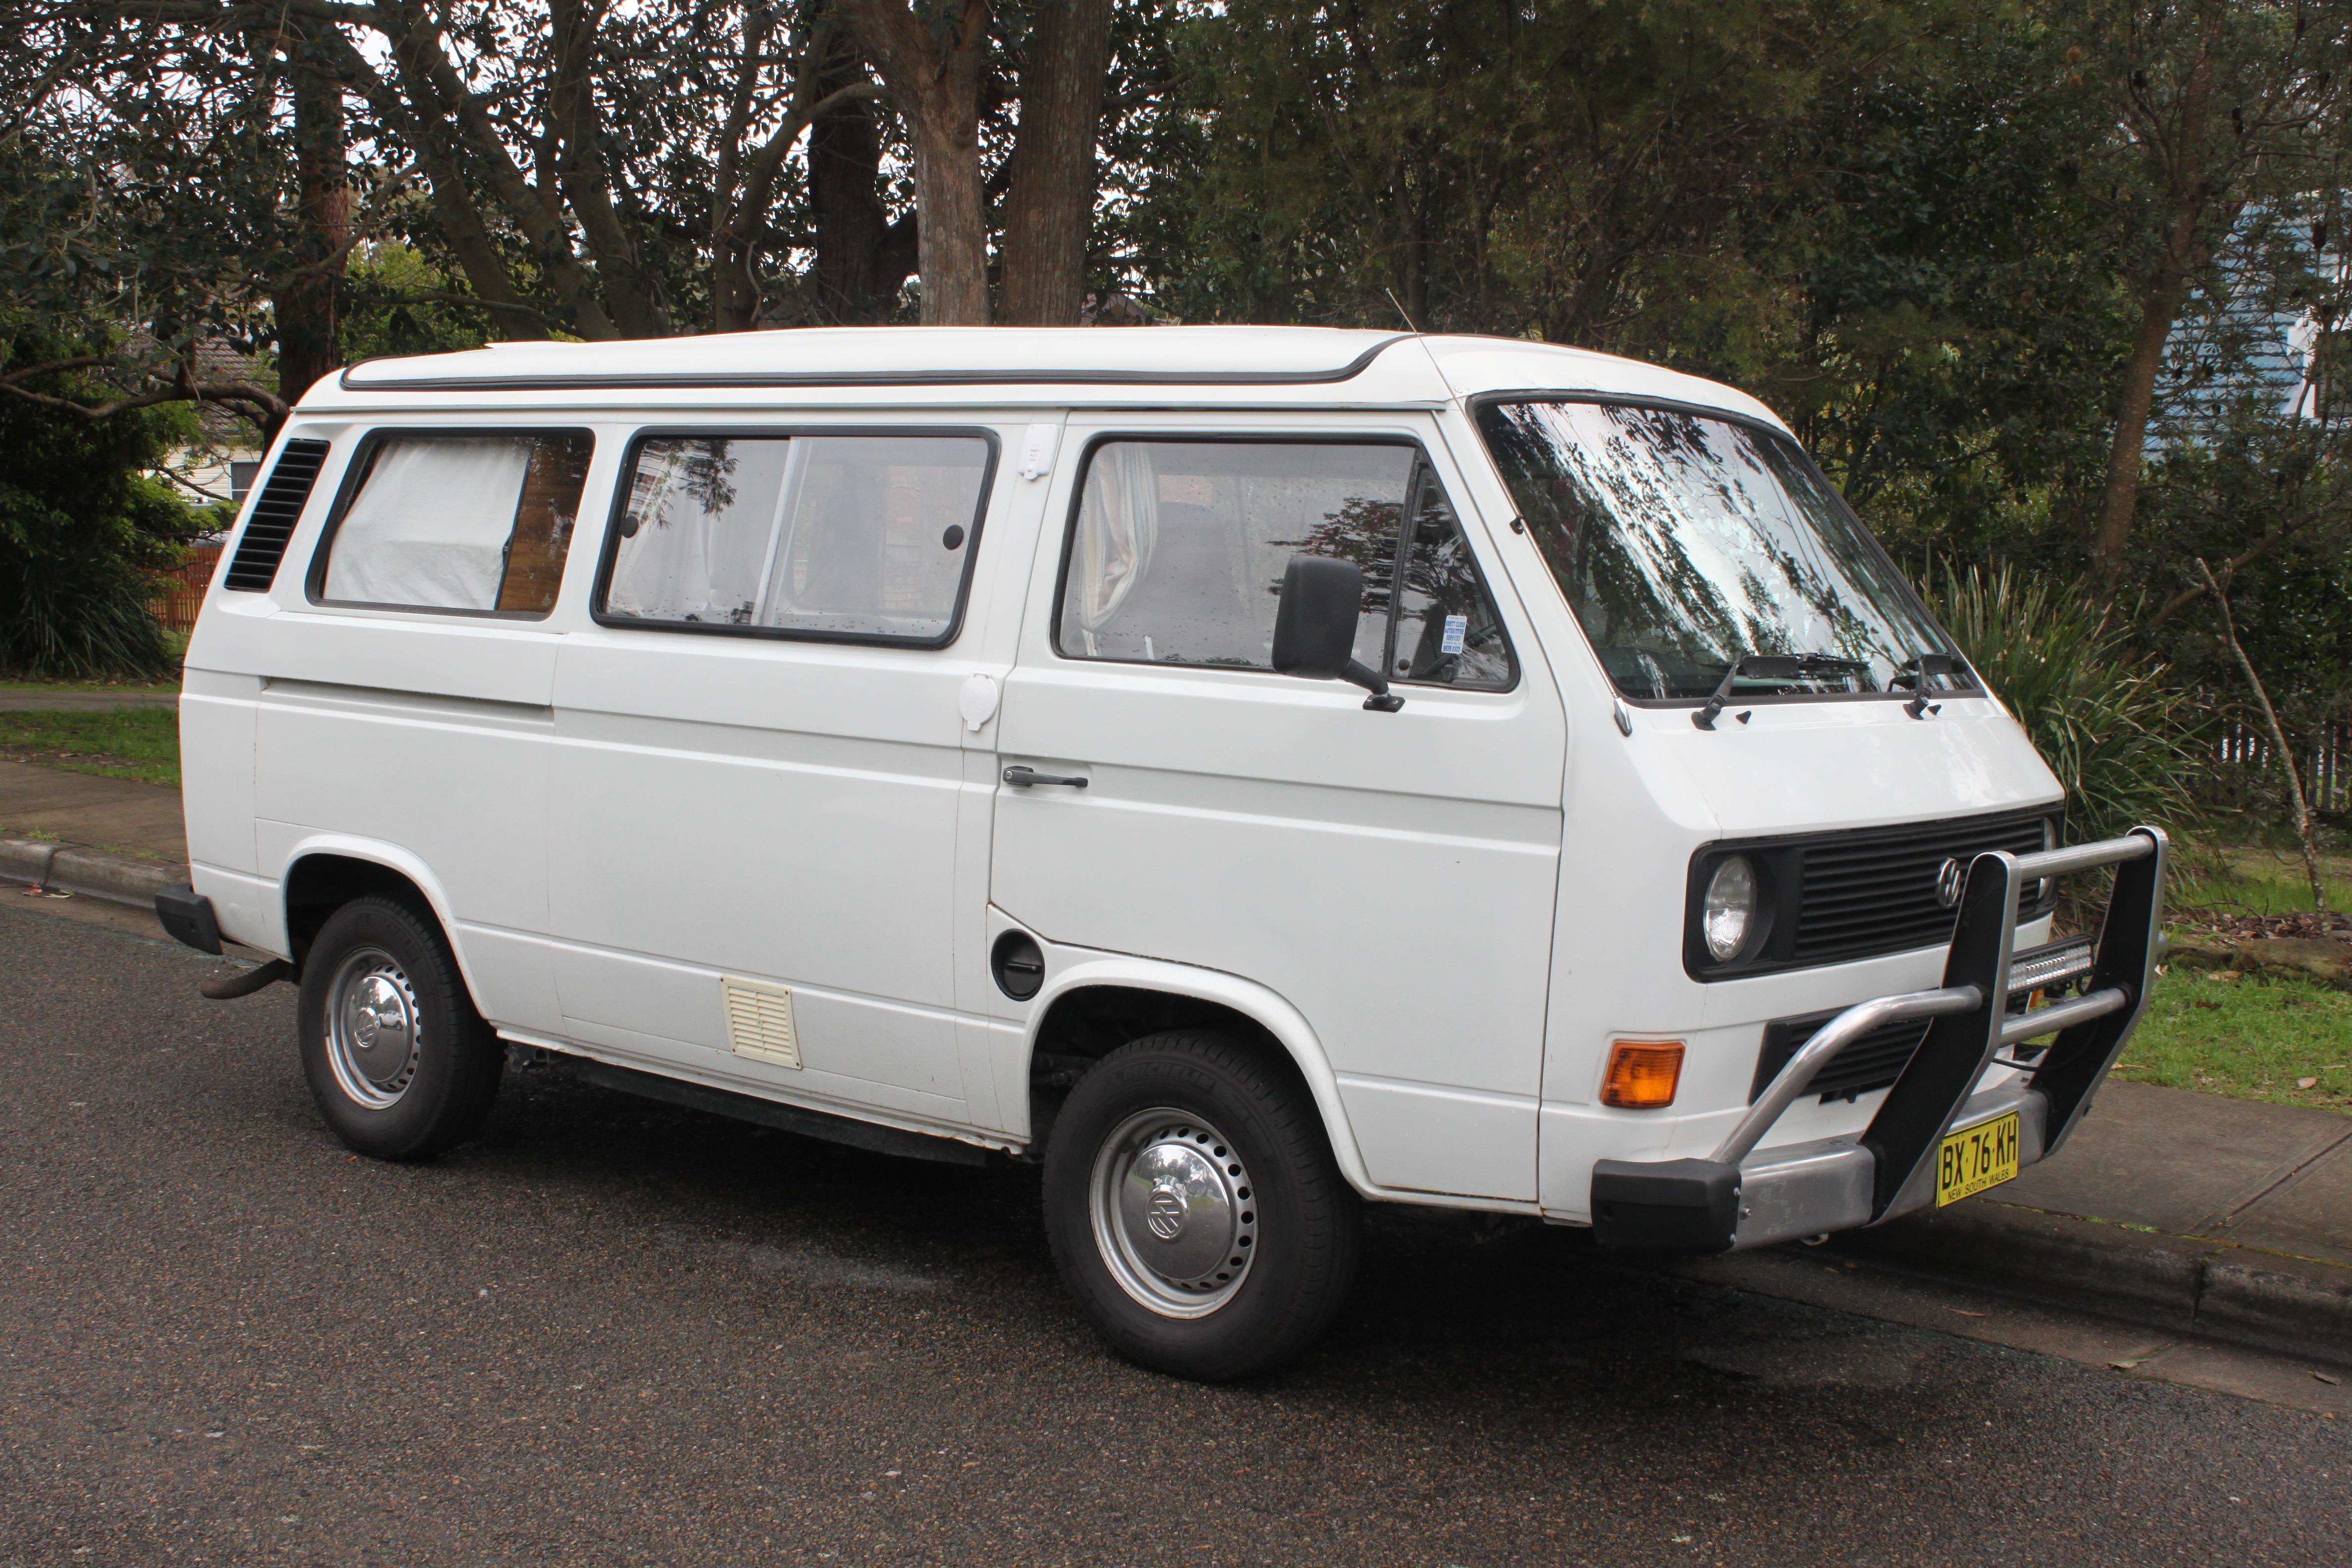 Camper Van Volkswagen >> File:1984 Volkswagen Transporter (251) van, camper conversion (22027639210).jpg - Wikimedia Commons